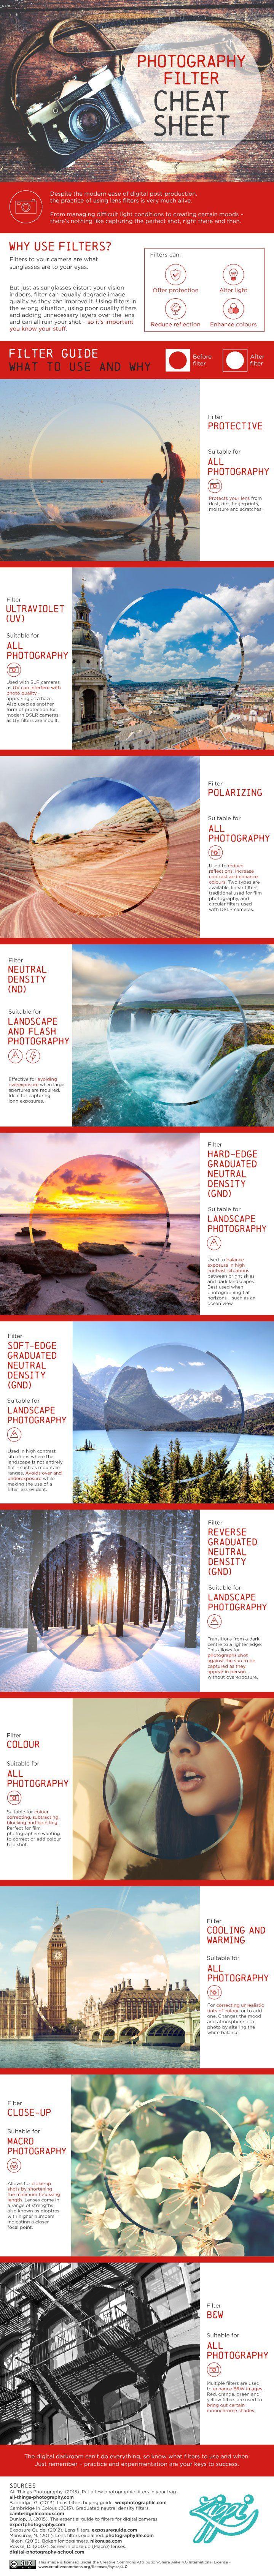 photography-filter-cheat-sheet-final[1]